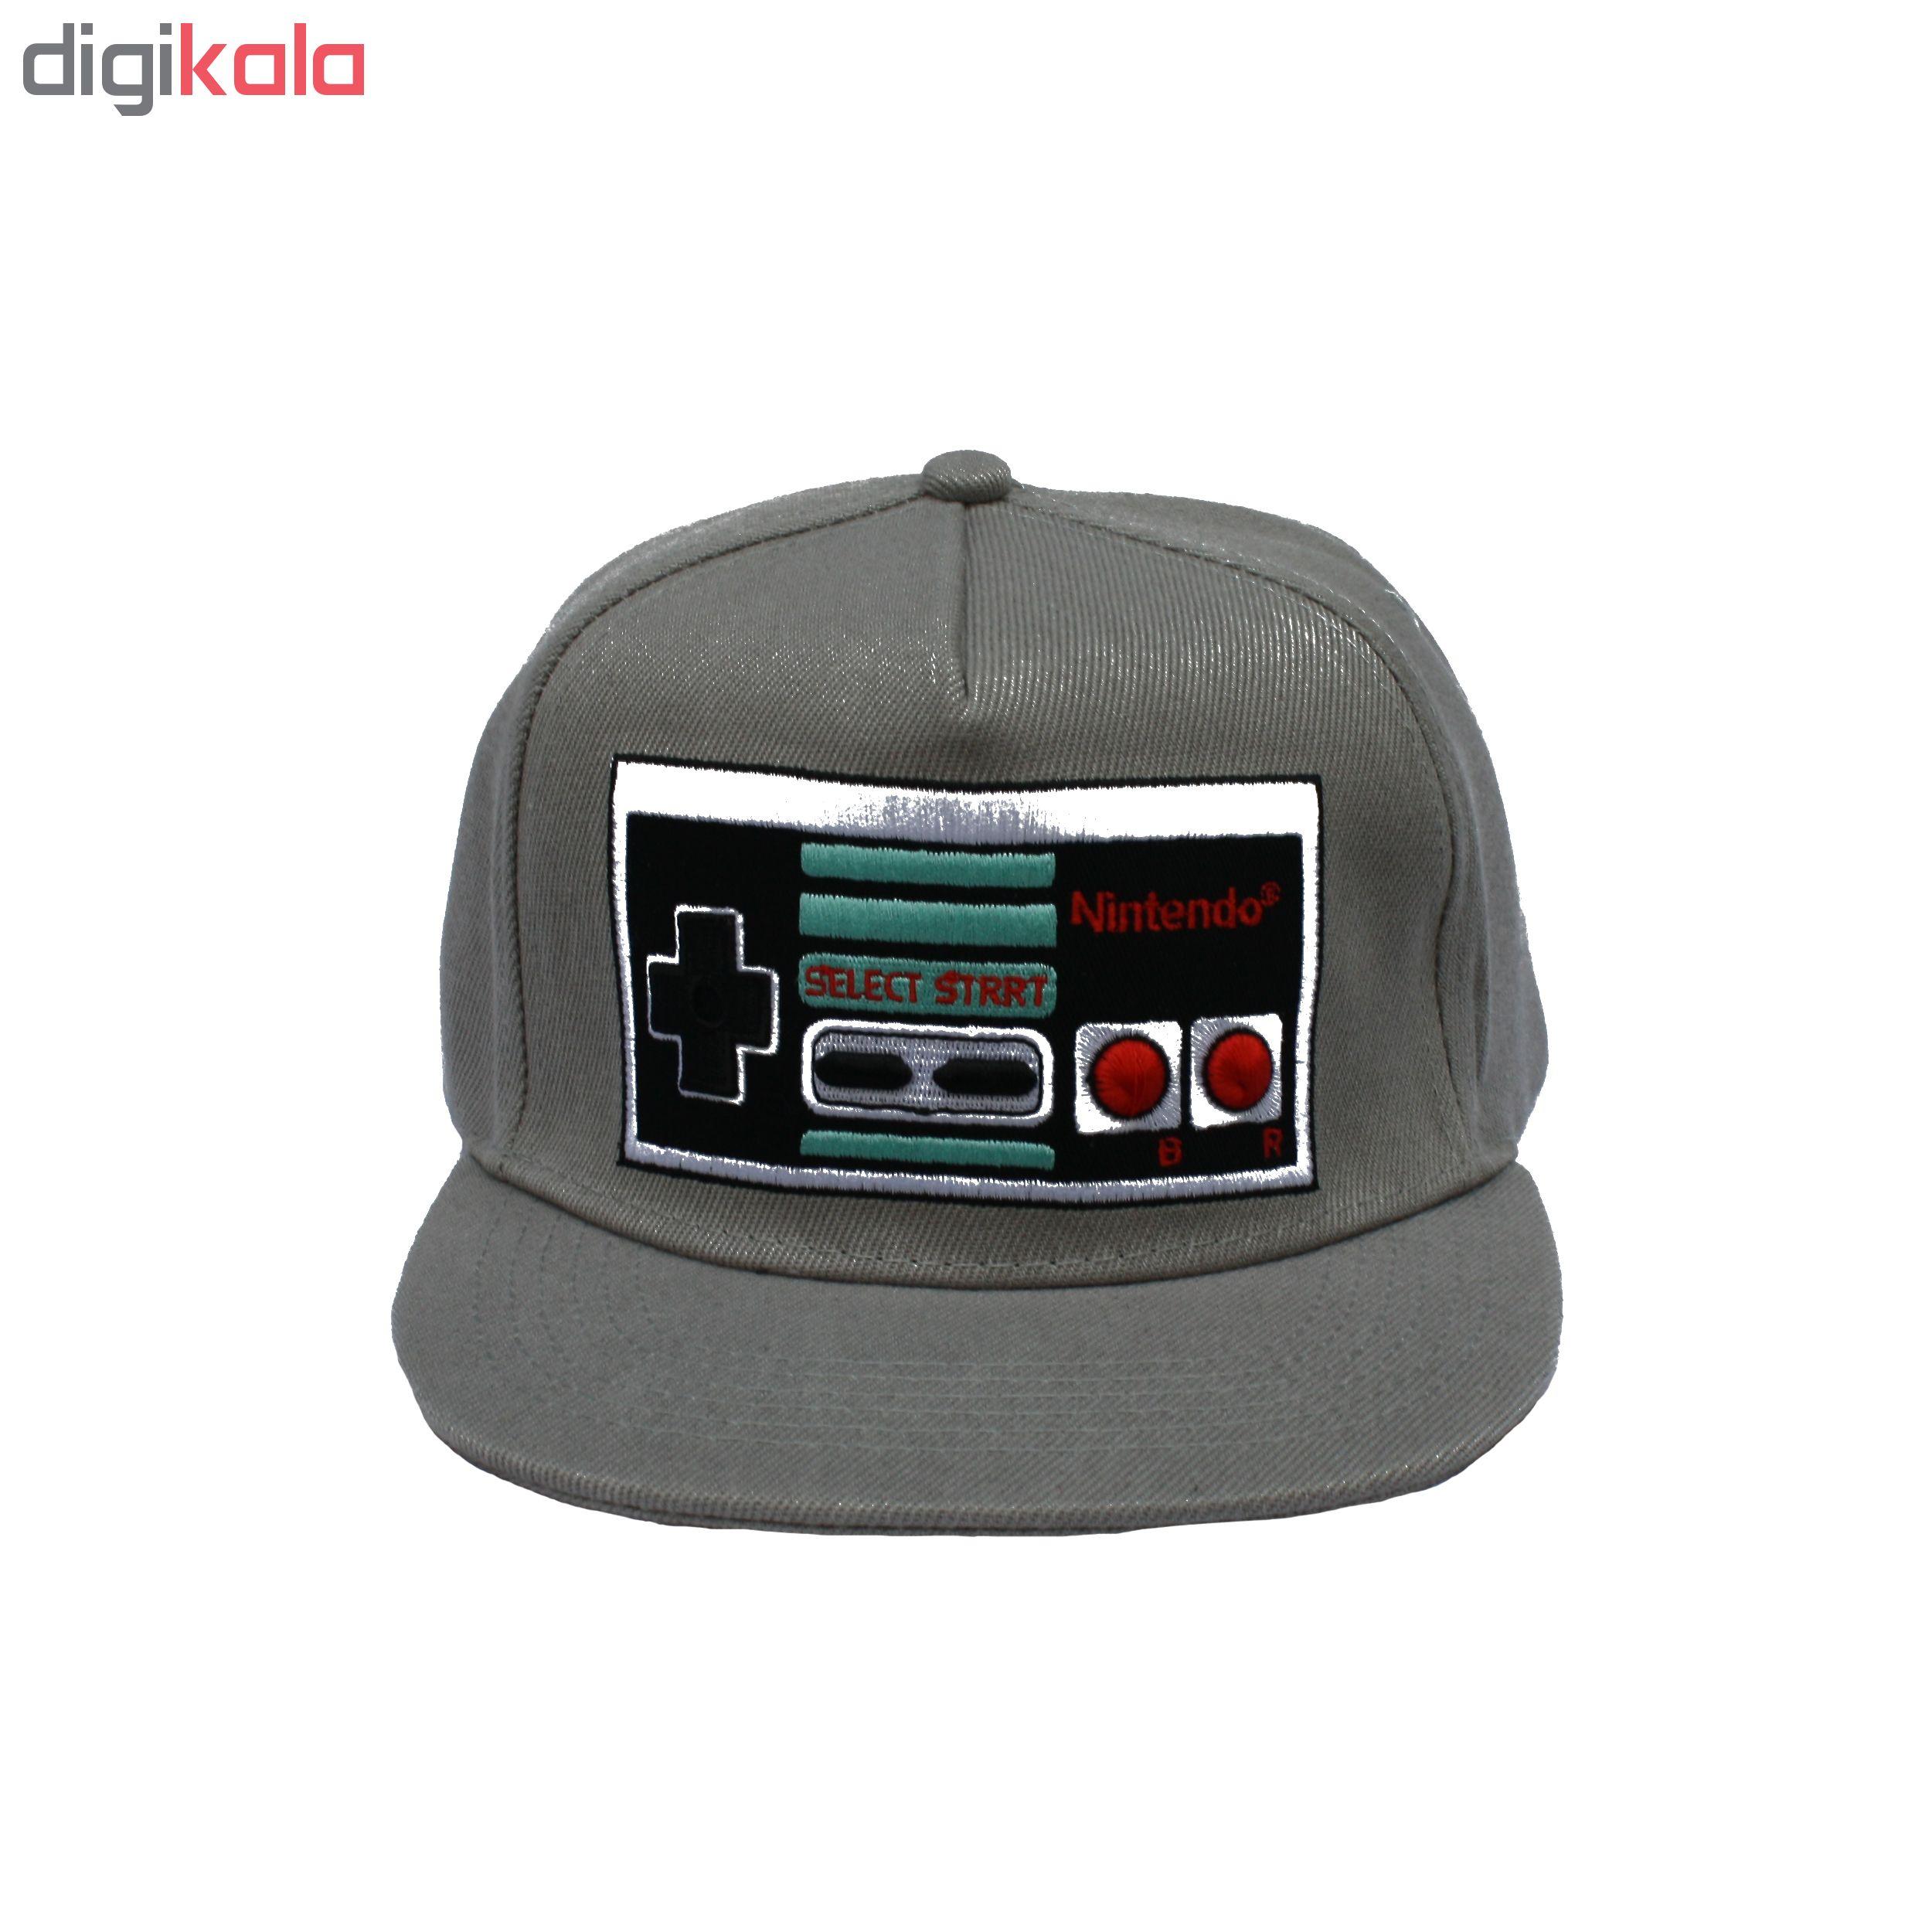 کلاه کپ مدل nintendo